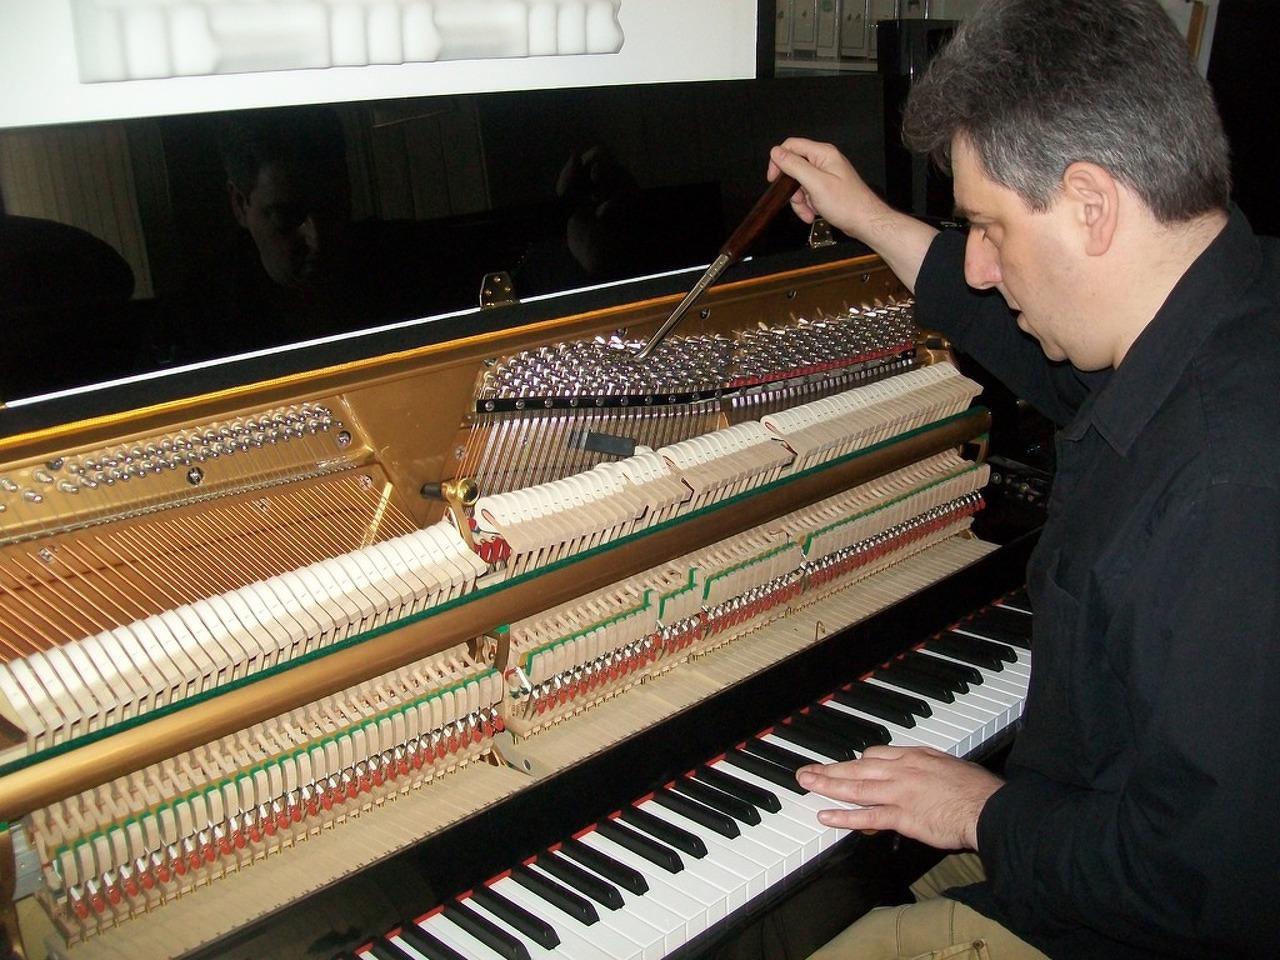 Afinador técnico de pianos . Lisboa - 2/5